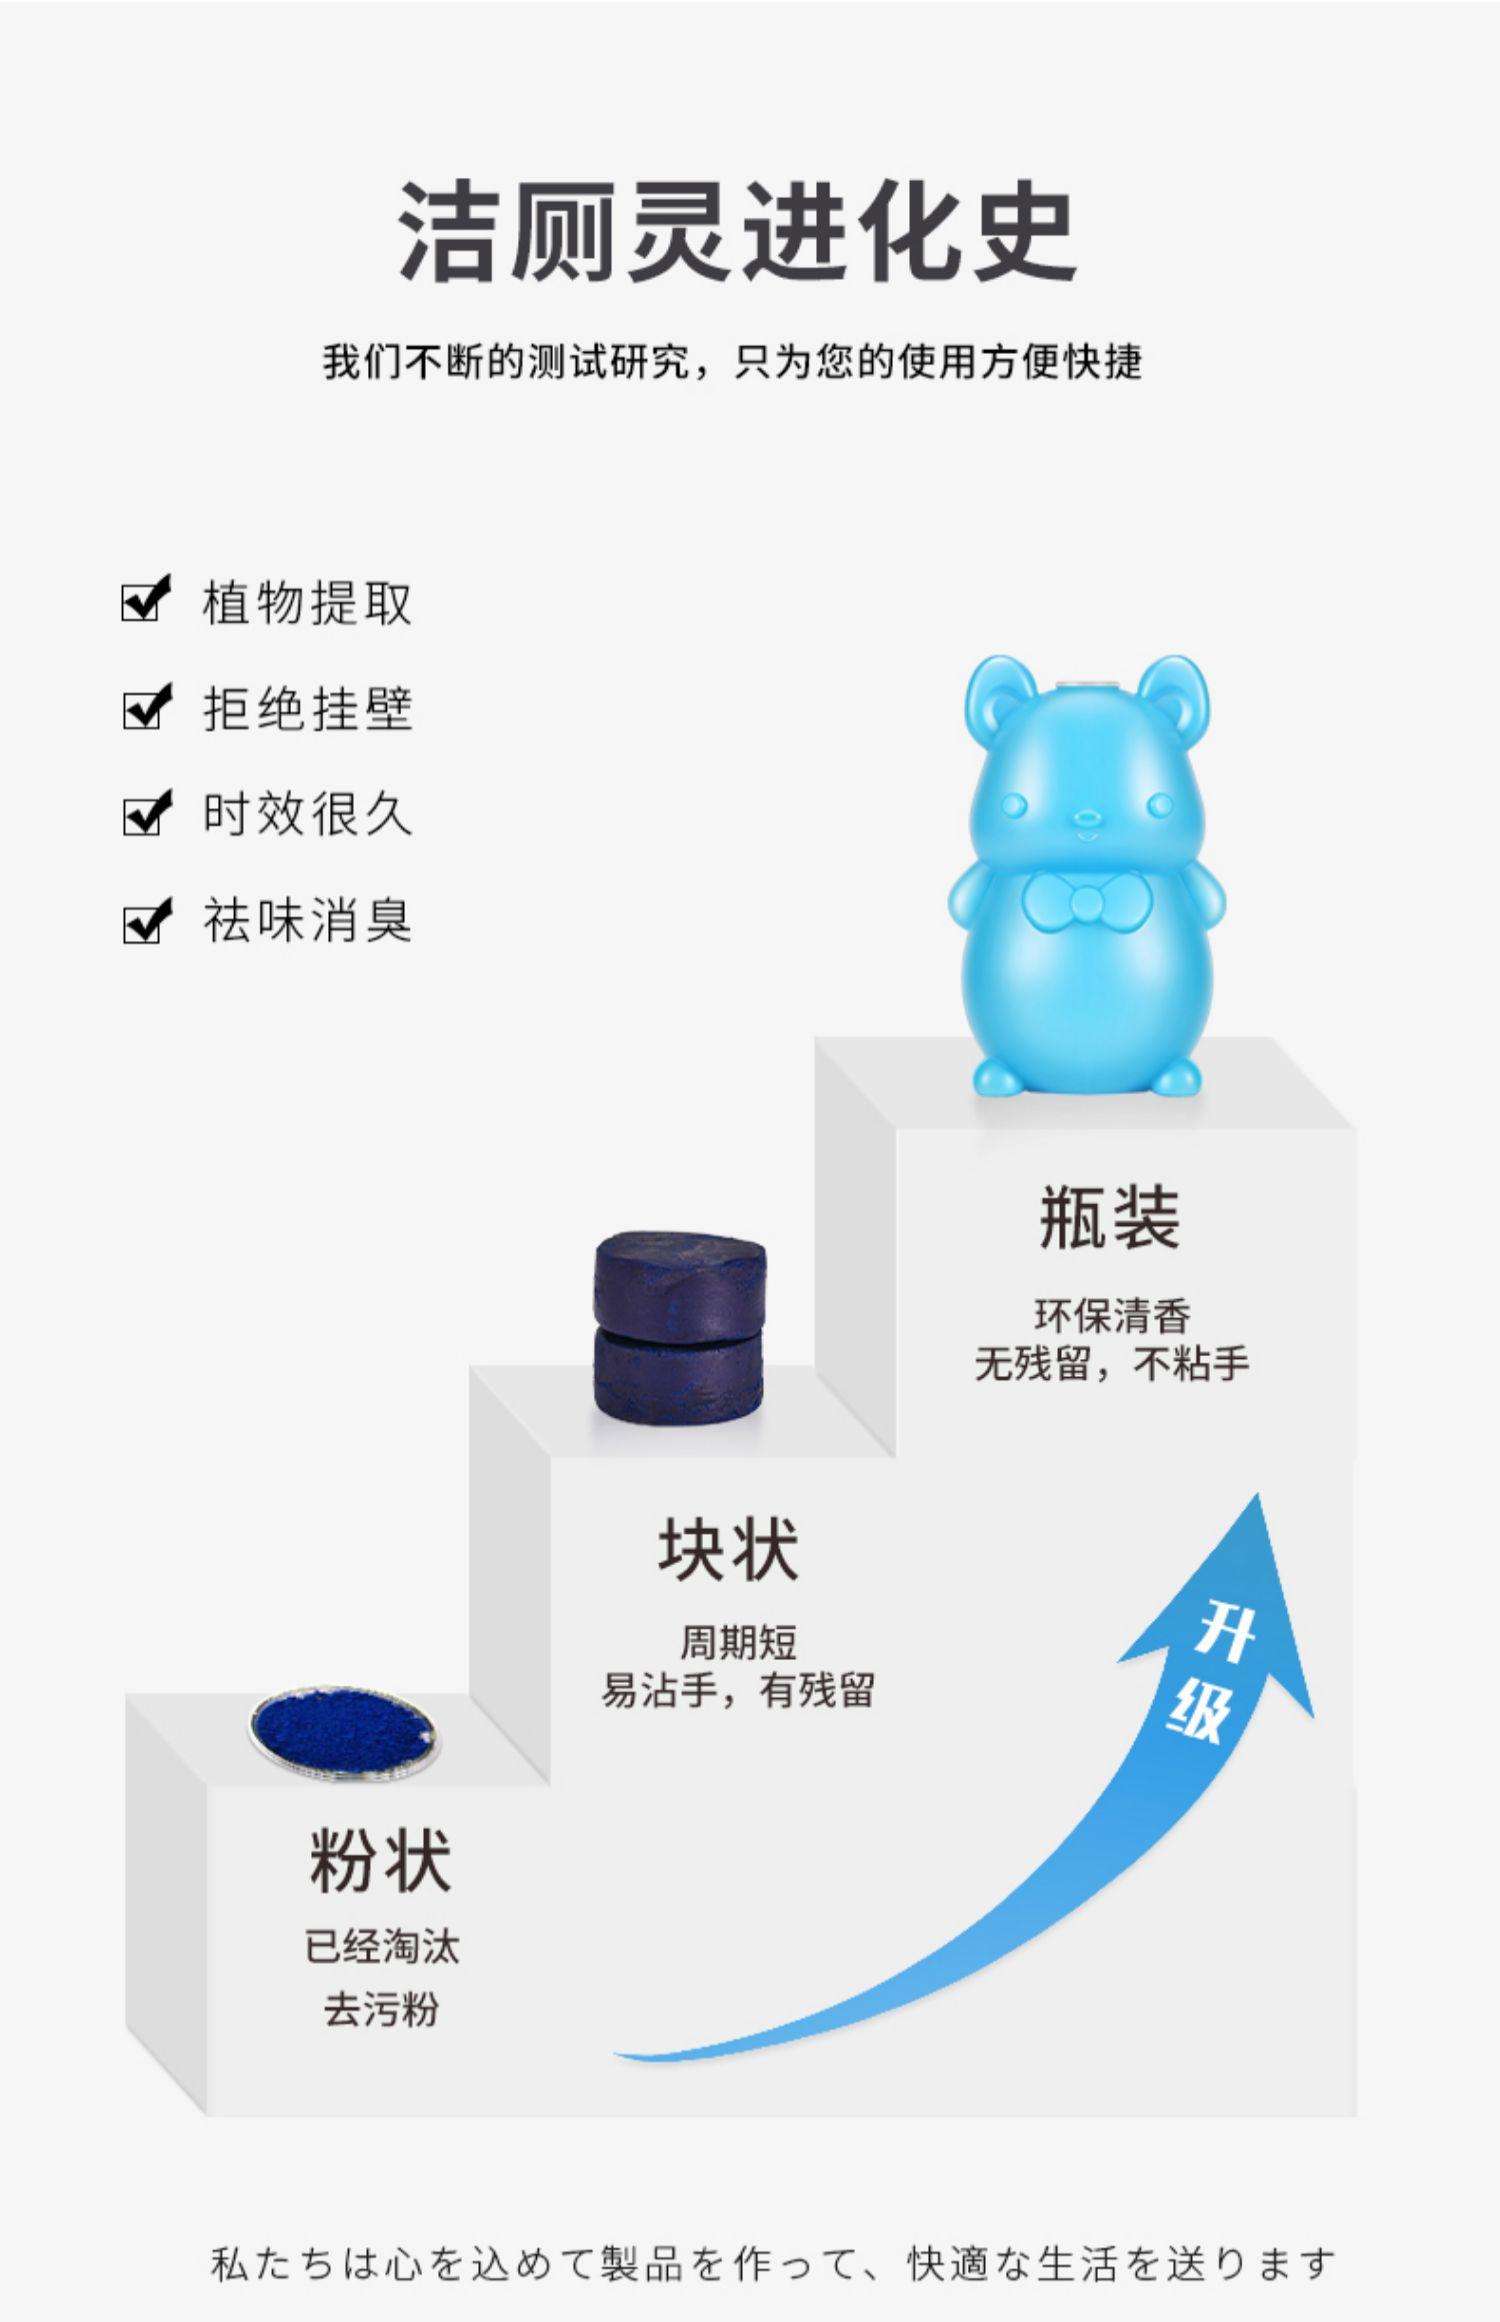 洁厕灵蓝泡泡马桶除臭去异味神器厕所家用卫生间清香型清洁剂宝液商品详情图